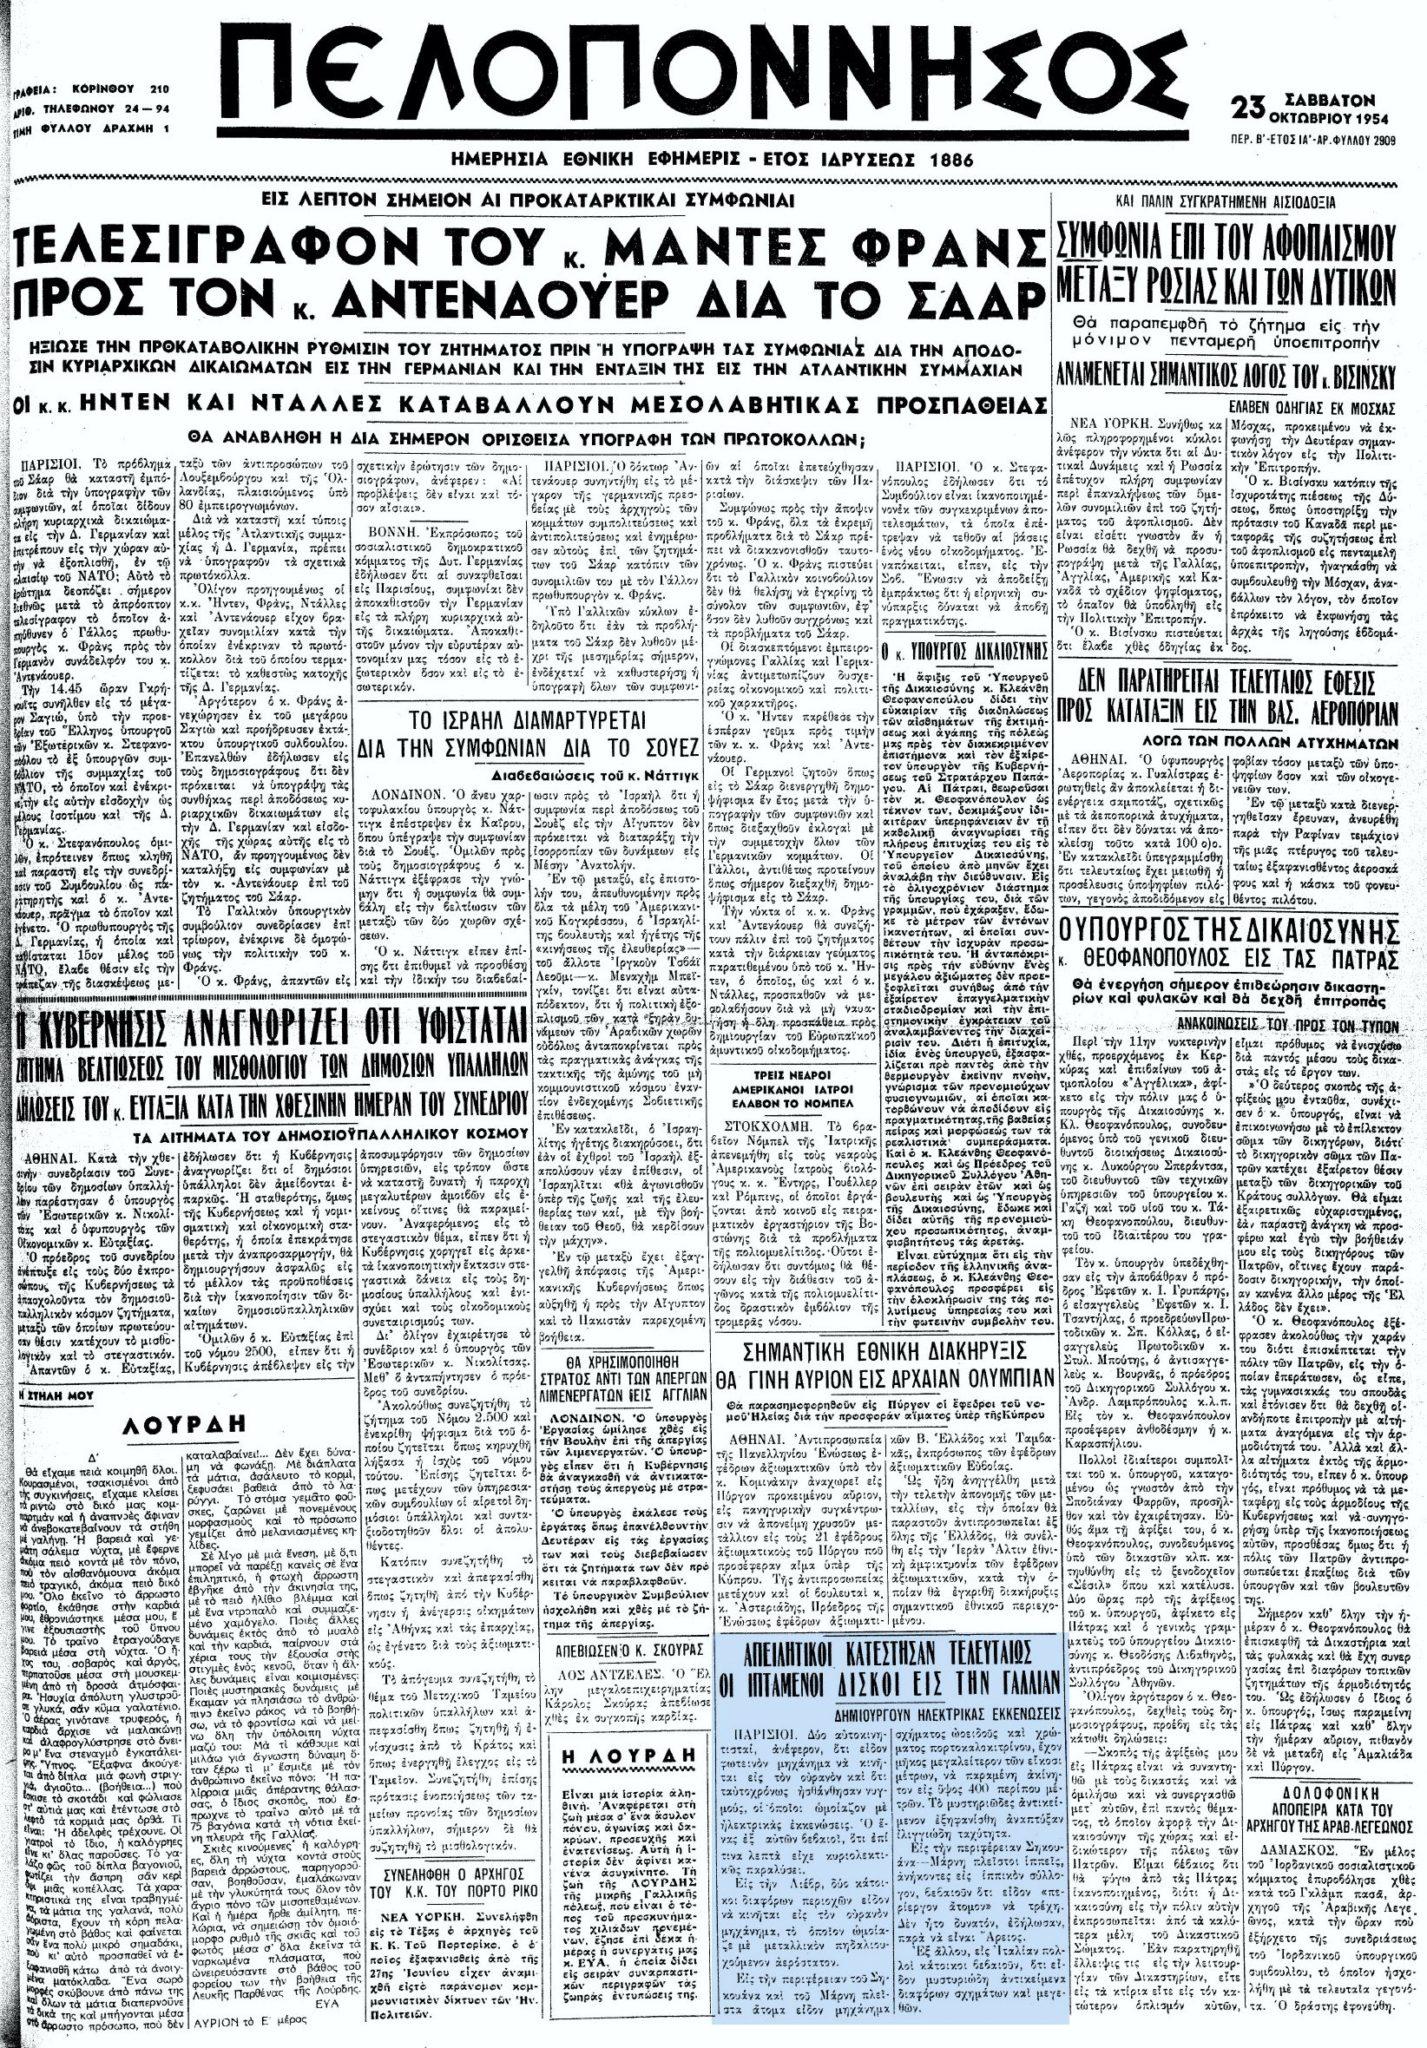 """Το άρθρο, όπως δημοσιεύθηκε στην εφημερίδα """"ΠΕΛΟΠΟΝΝΗΣΟΣ"""", στις 23/10/1954"""